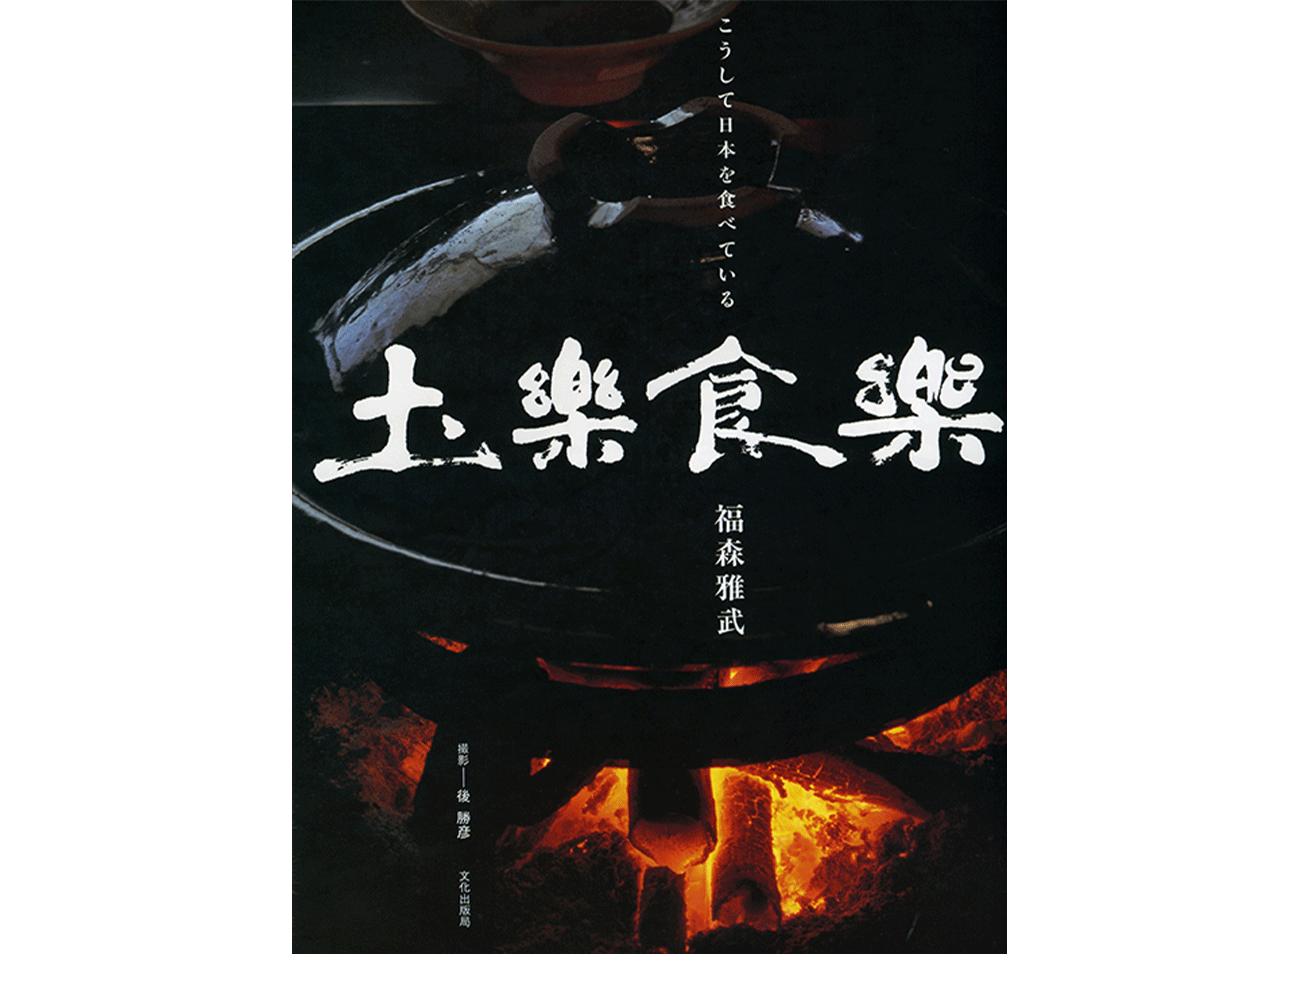 &#x5721;楽食楽 <p>福森雅武著</p>